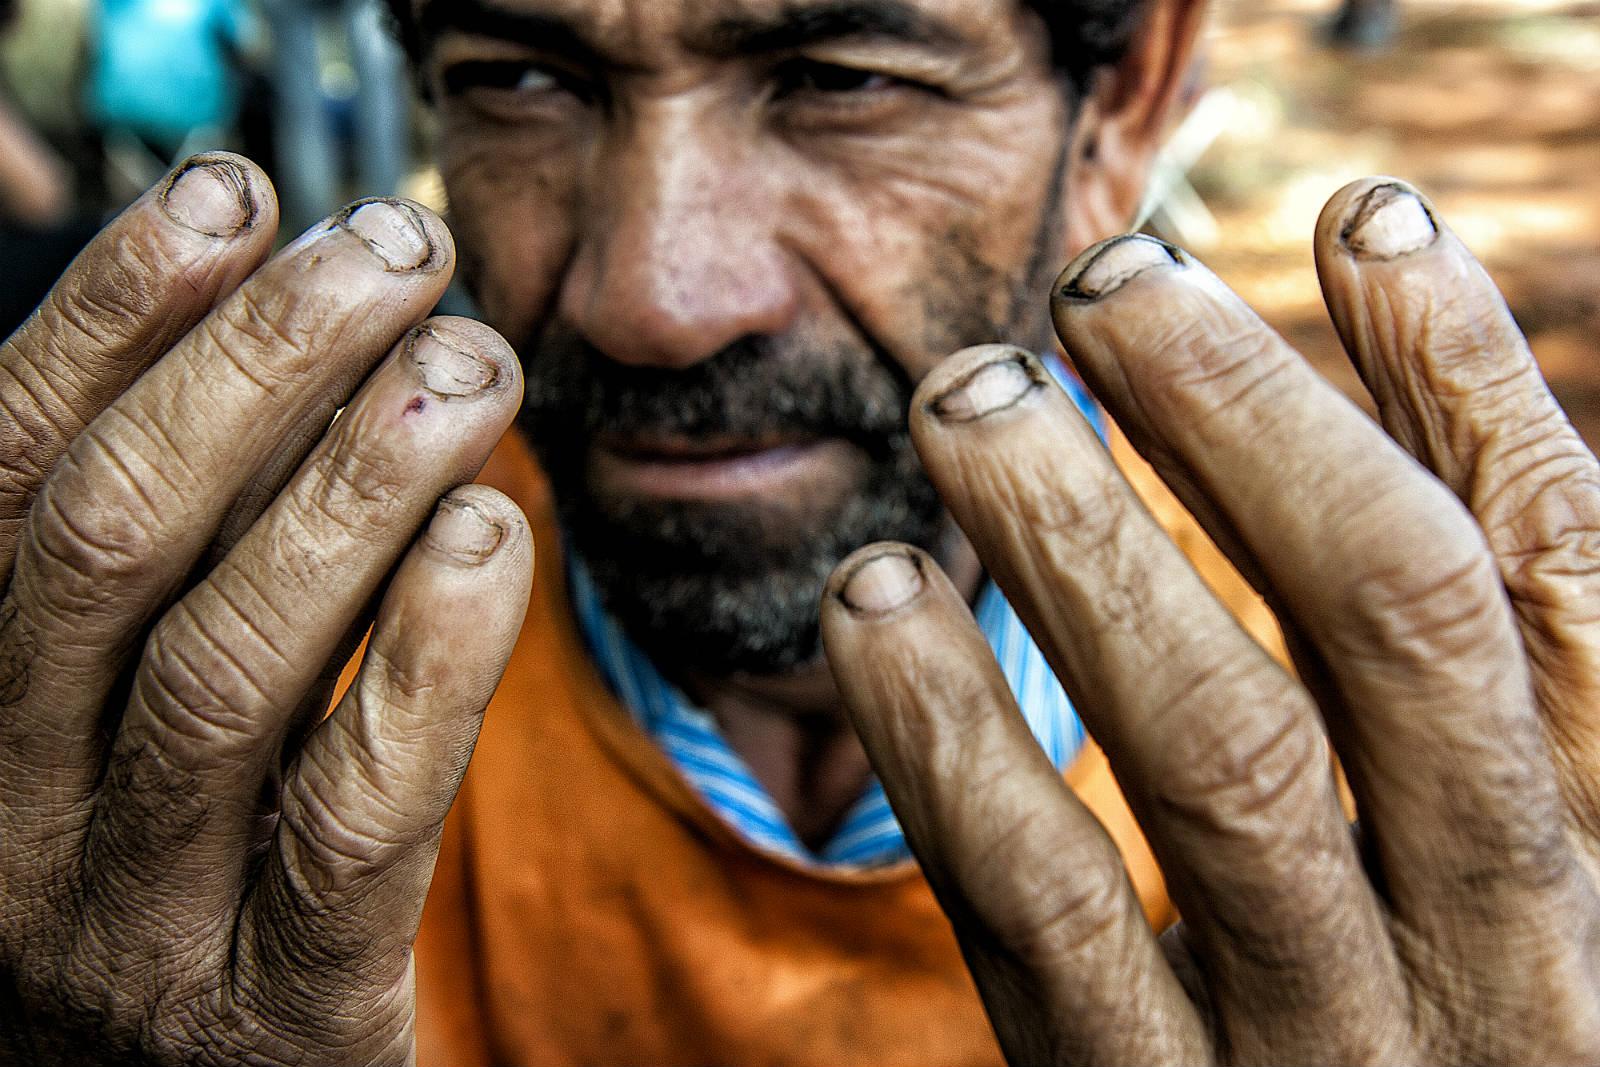 Trabajo esclavo en Brasil